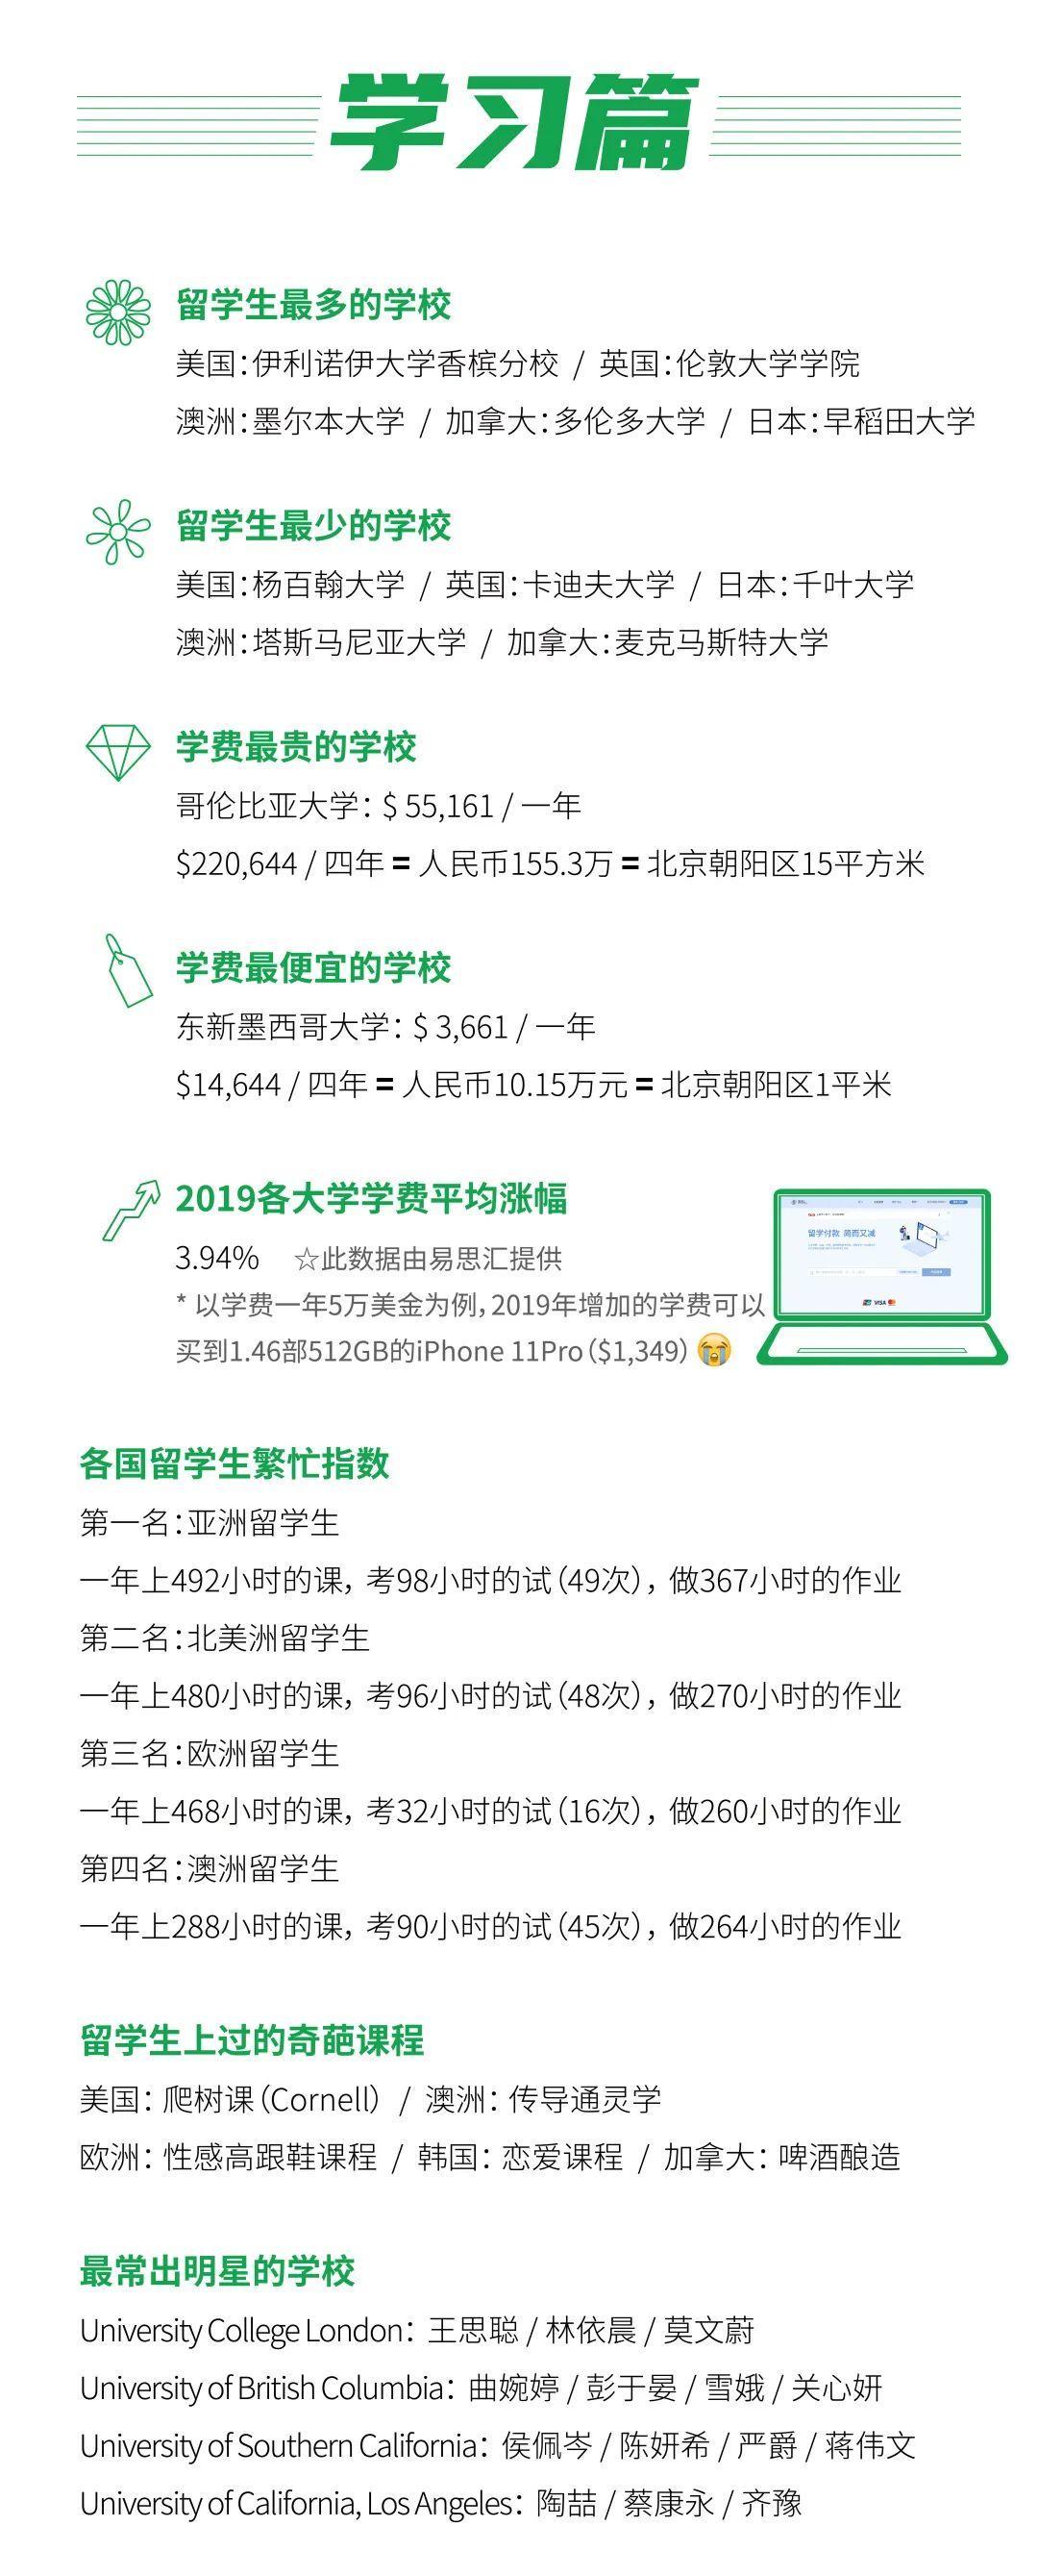 留学大数据《2020中国留学白皮书》中国留学生数目美澳加排前3  数据 第3张